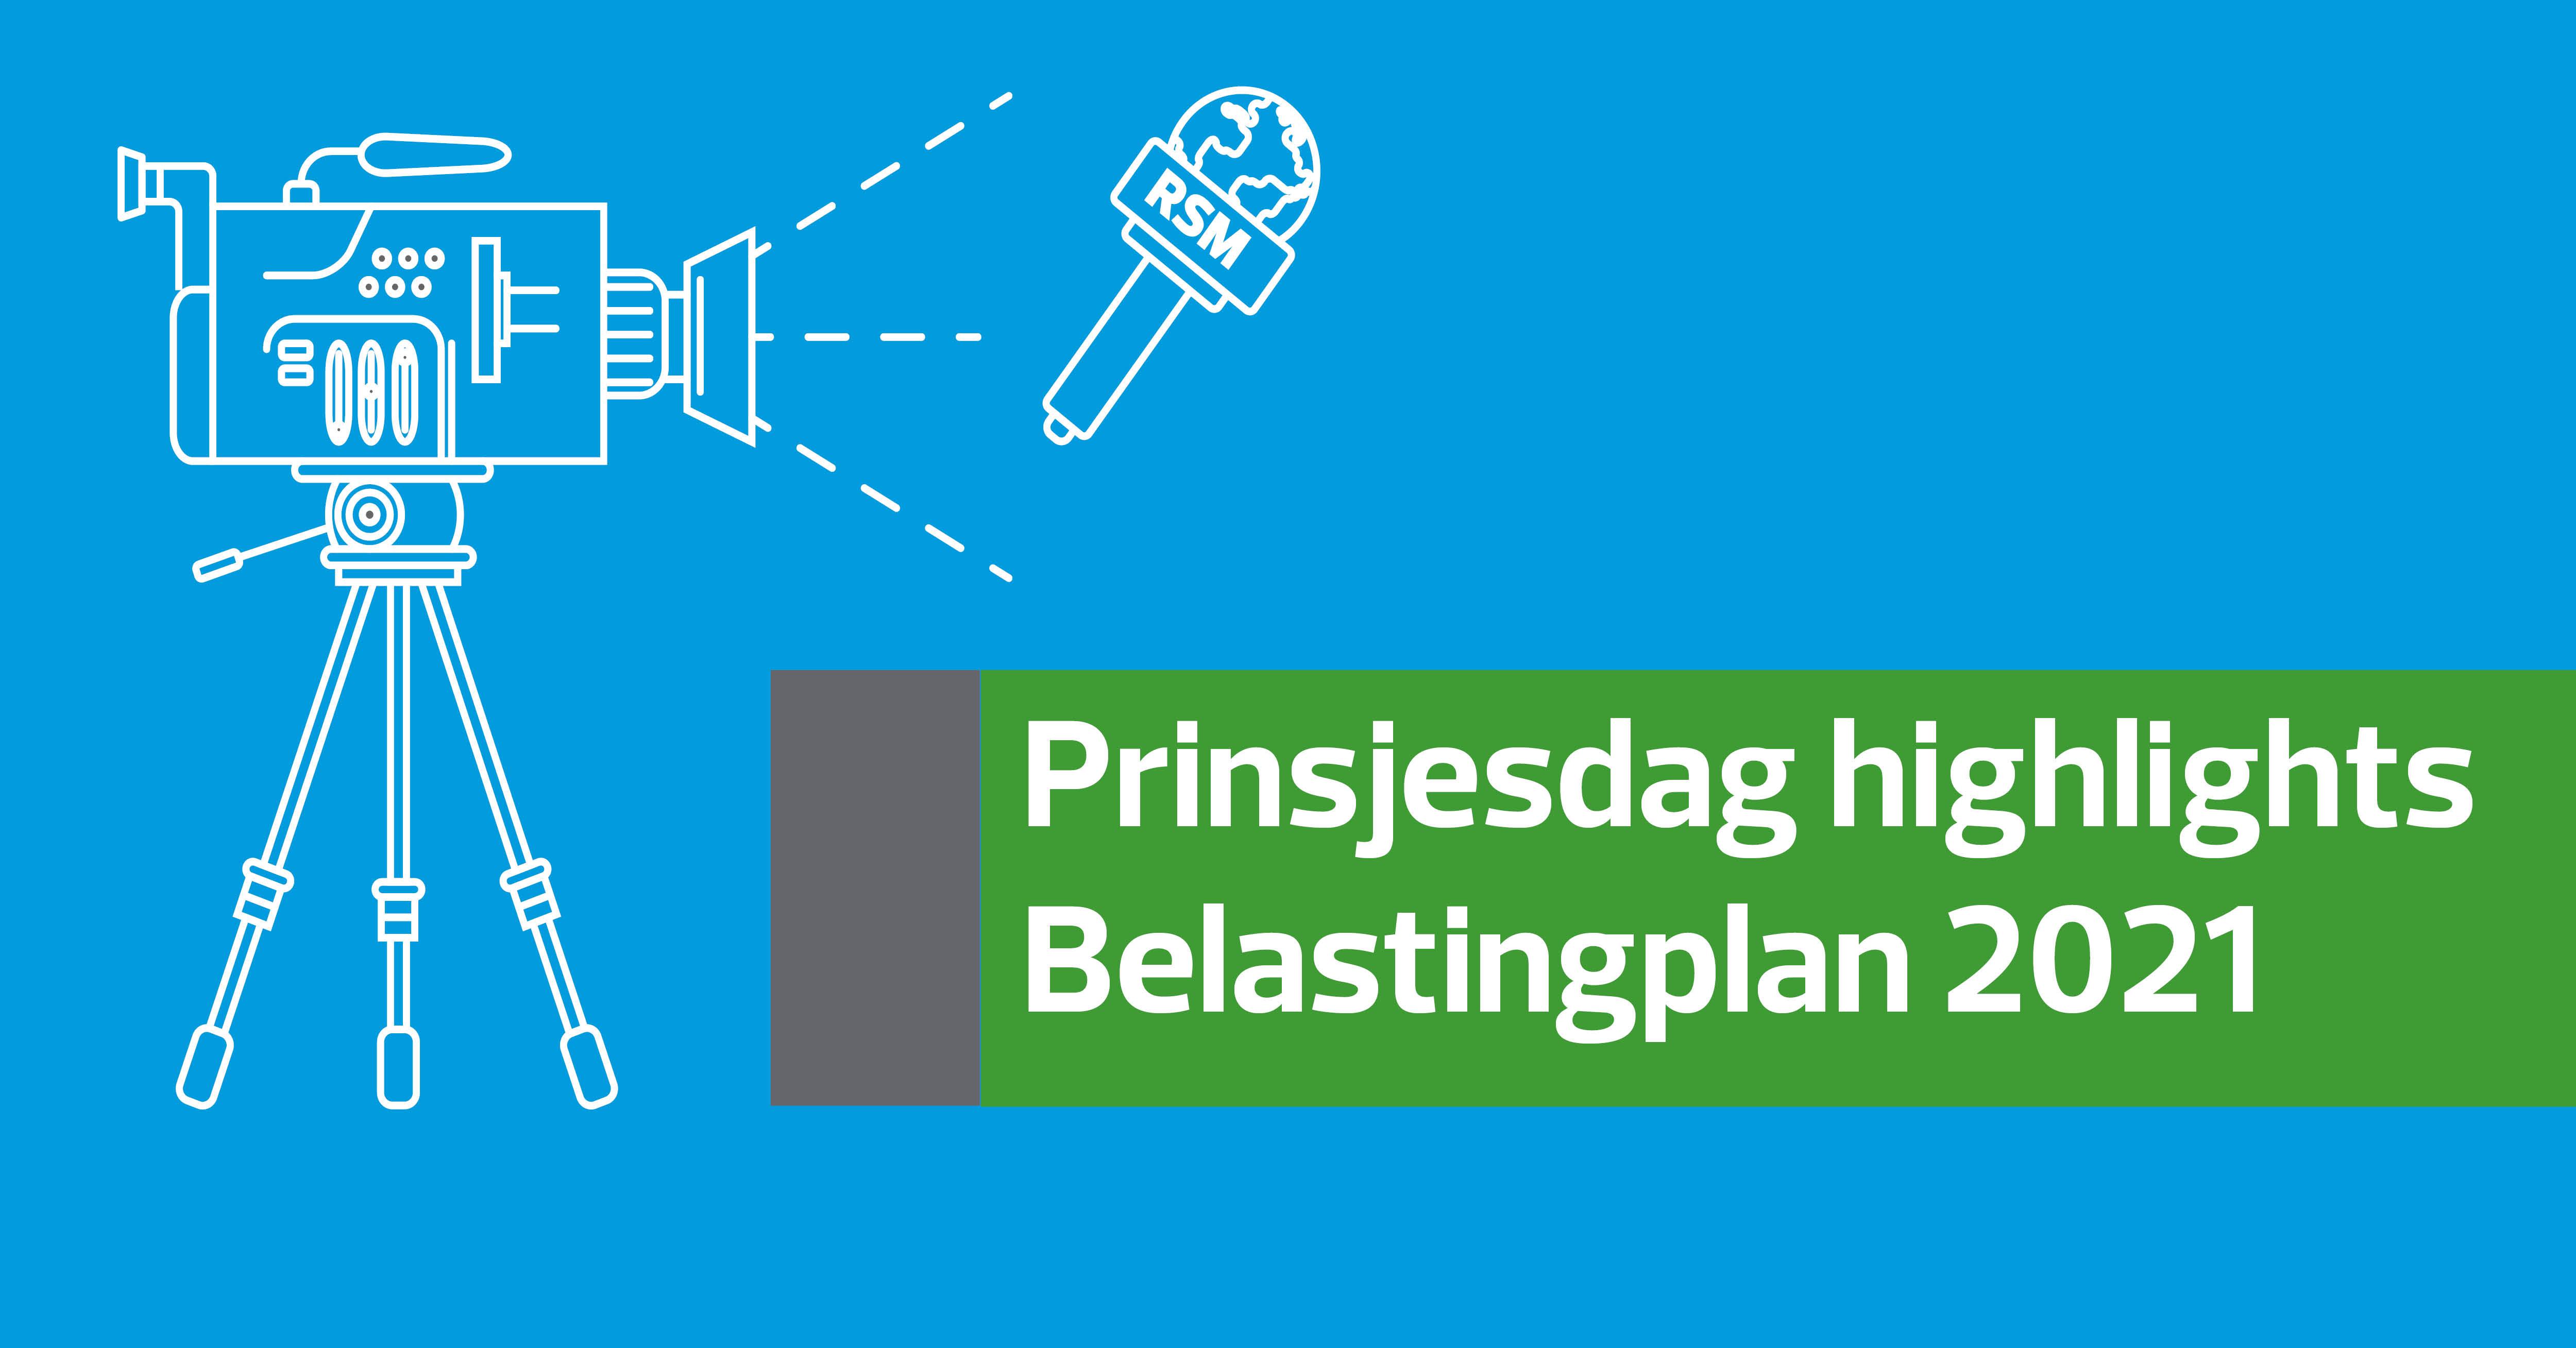 public://media/Nieuwsitems/2020/Prinsjesdag/20200916_prinsjesdag_belastingplan_2021_website.jpg